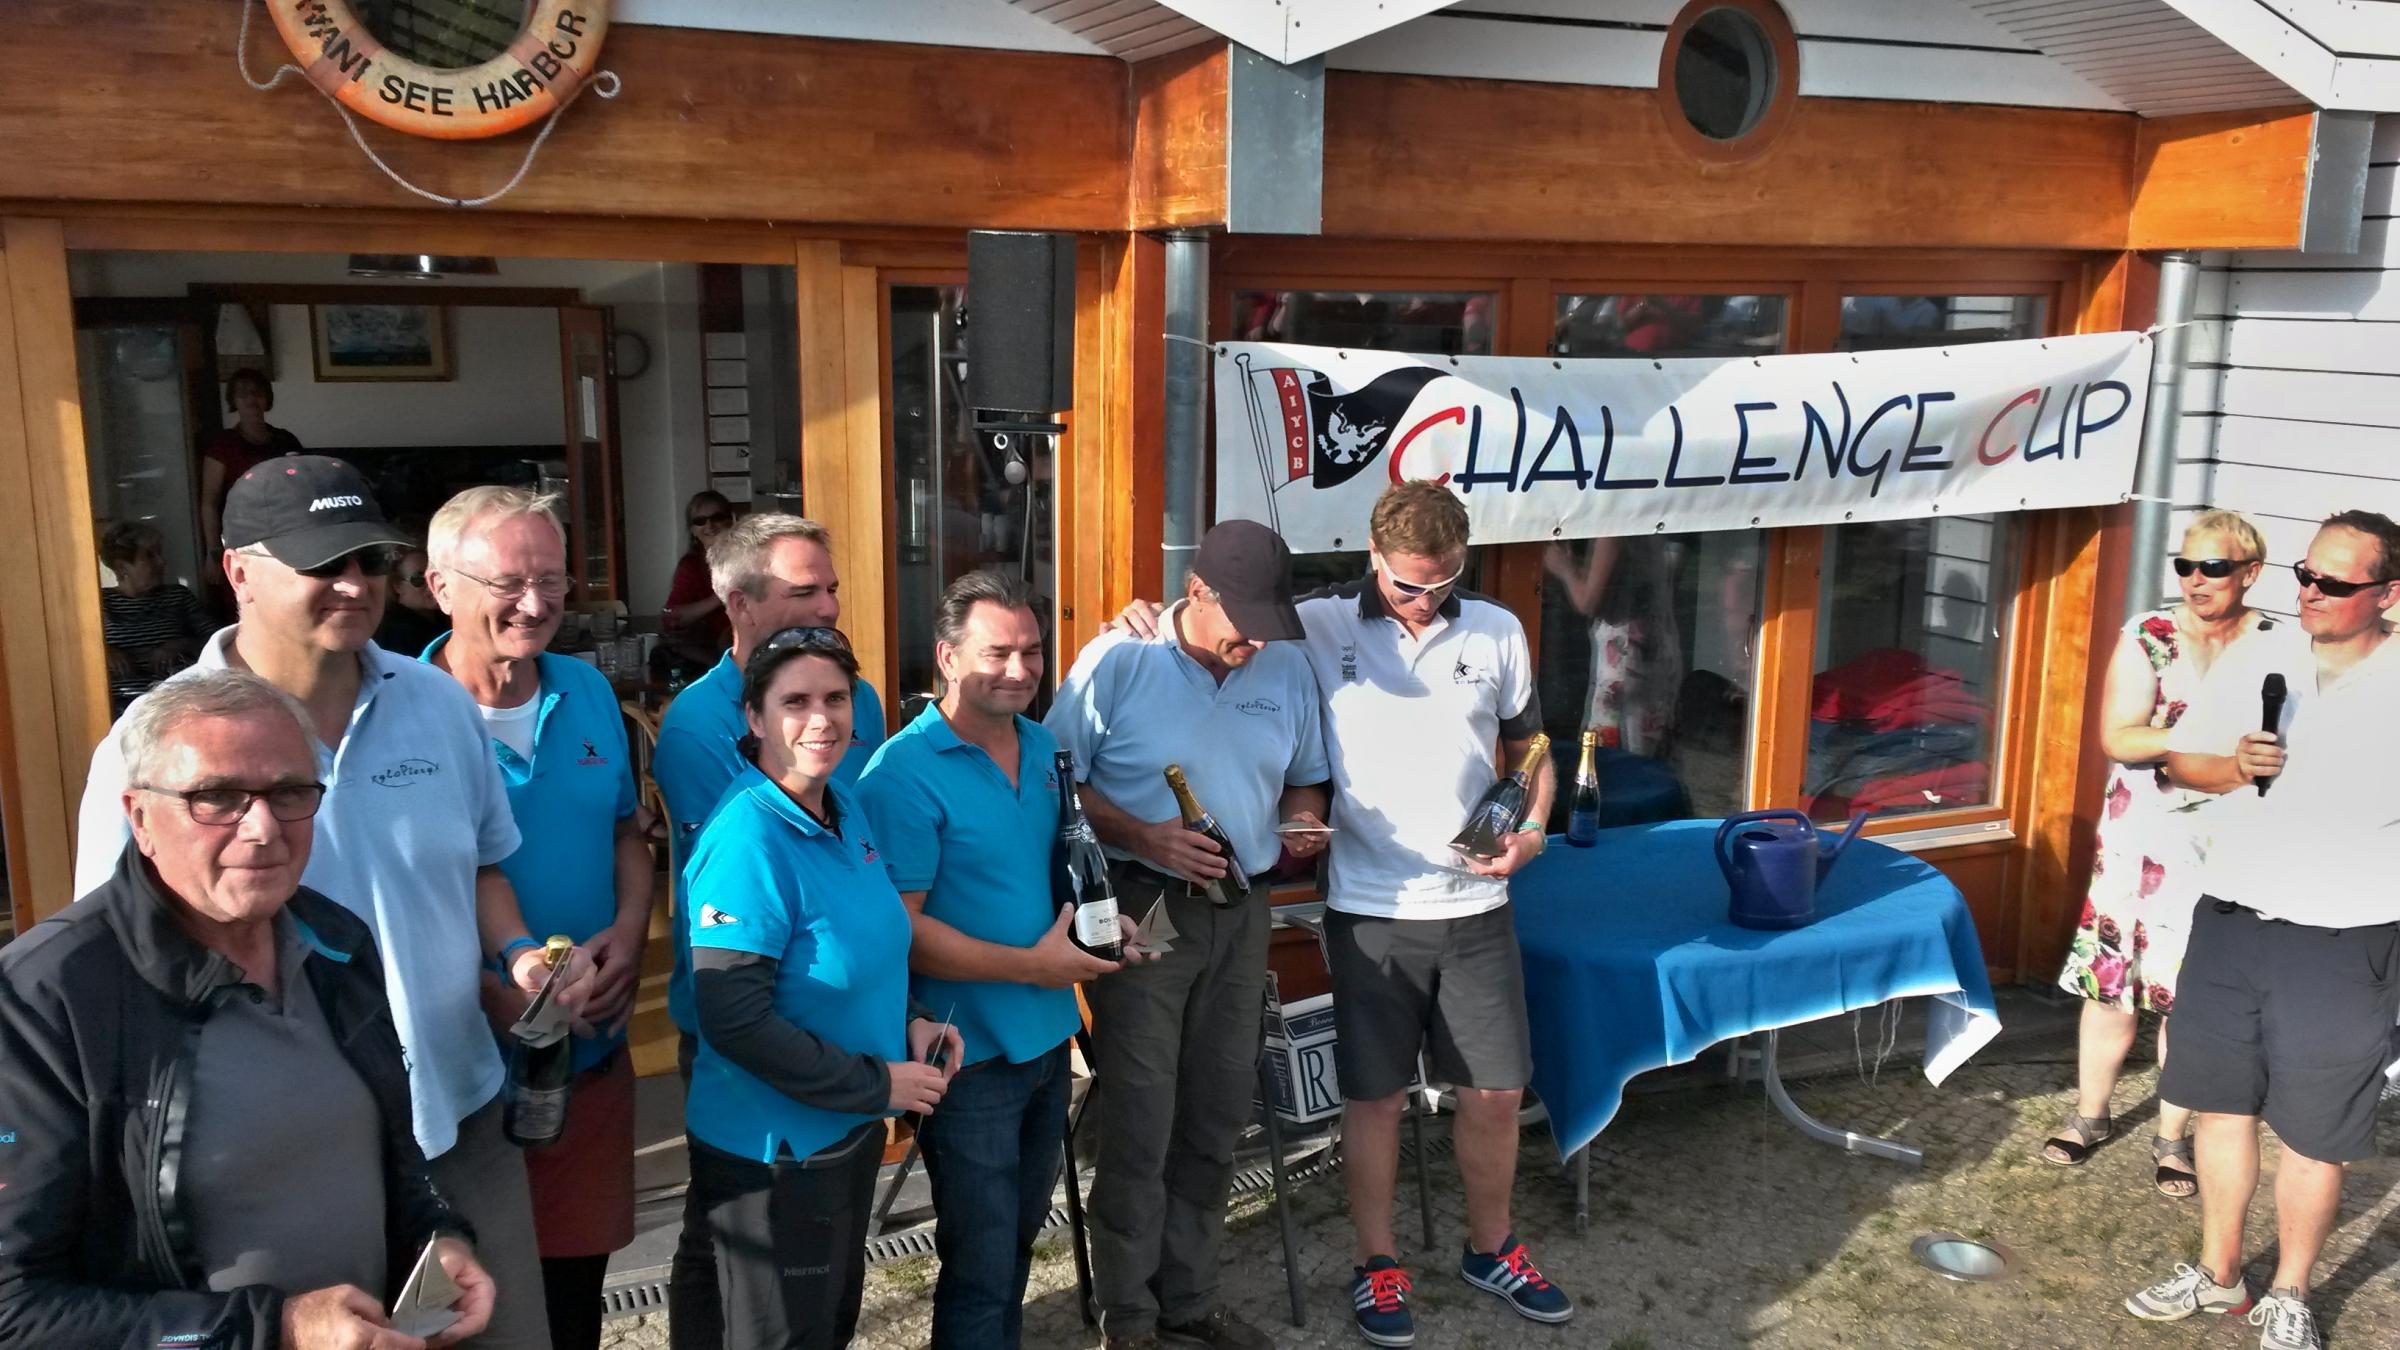 Siegerehrung beim Challenge Cup 2018 - Photo Fellenberg